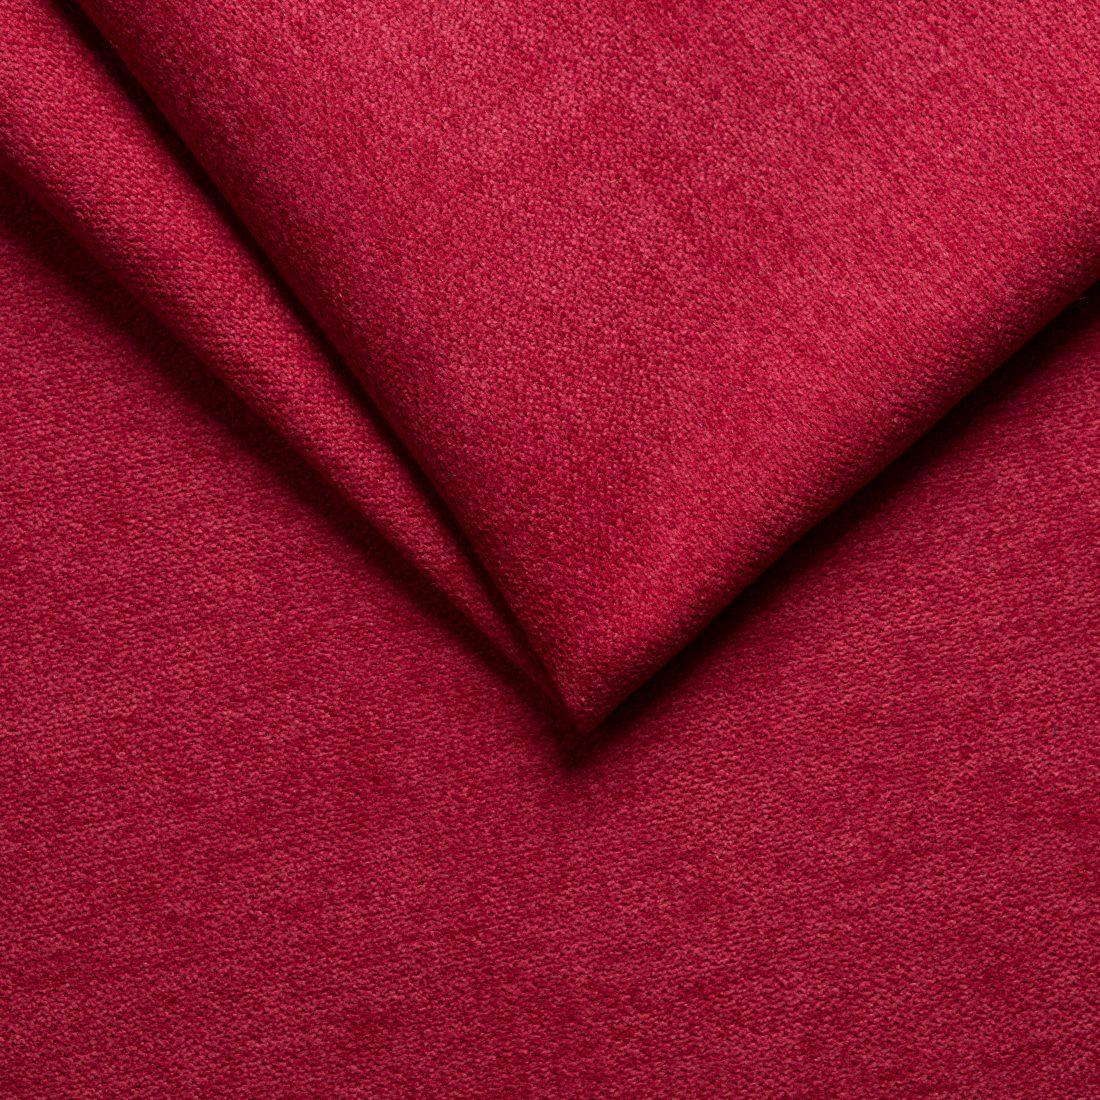 Мебельная ткань Enjoy 14 Cranberry, микрофибра